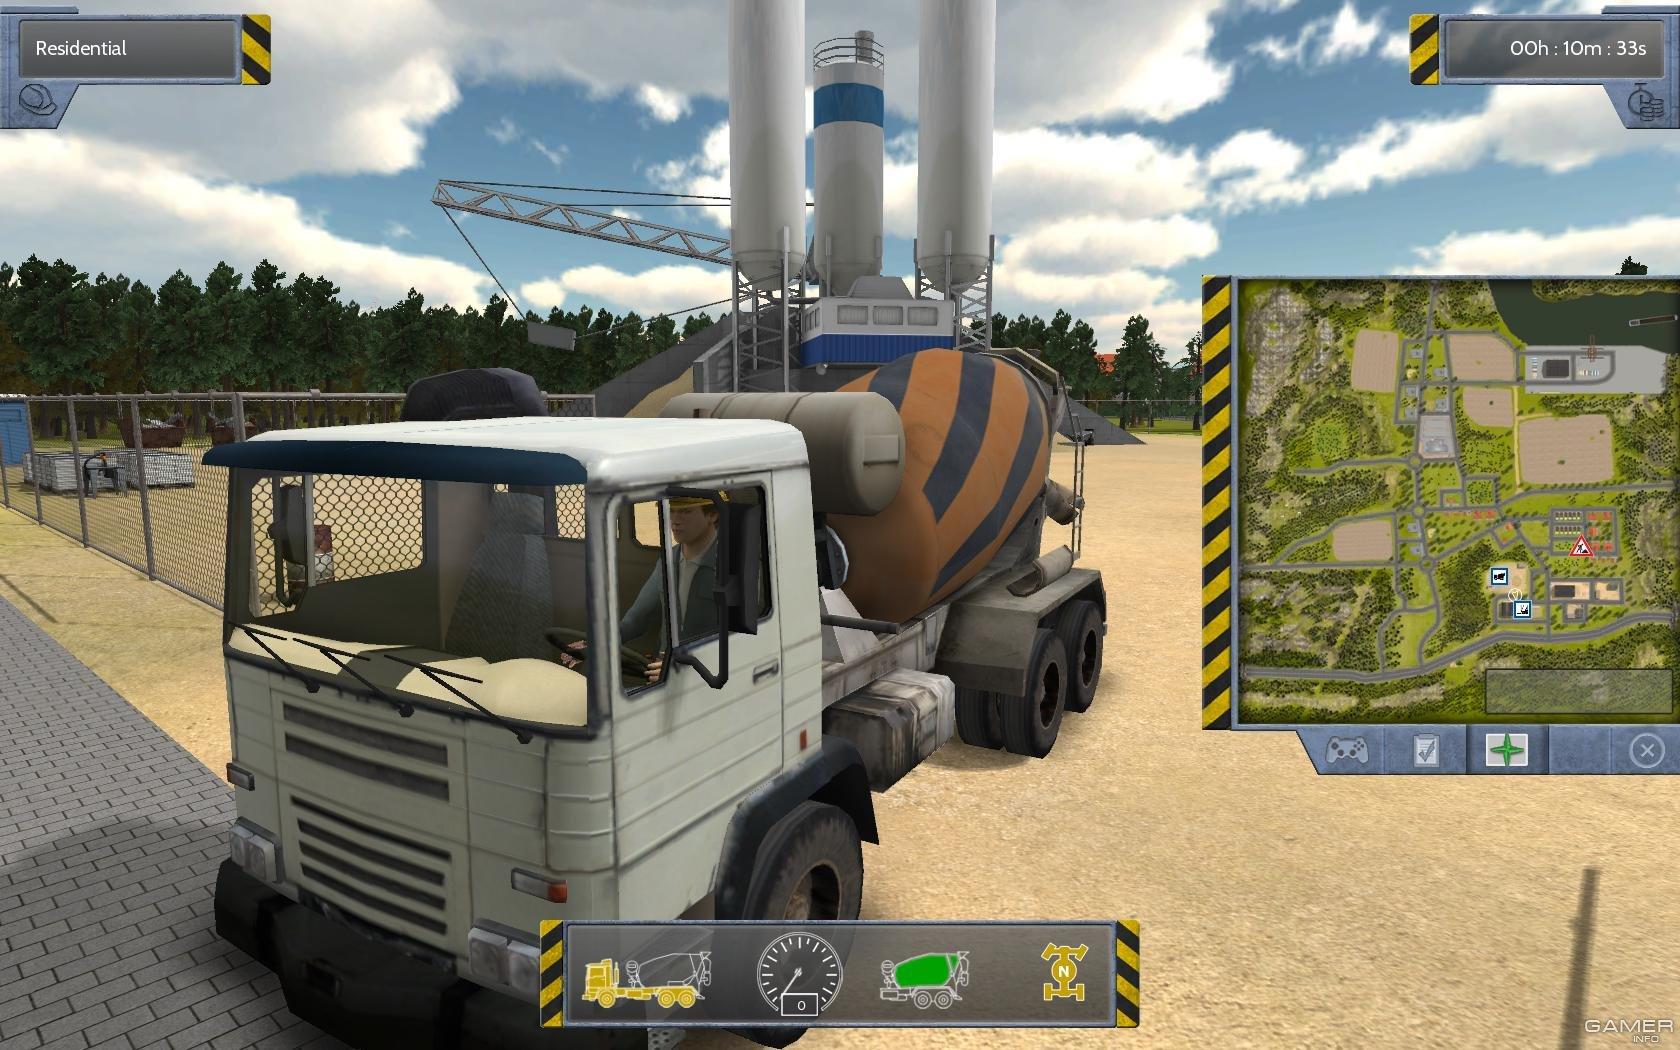 2012 Free Download Full Version Pc Game